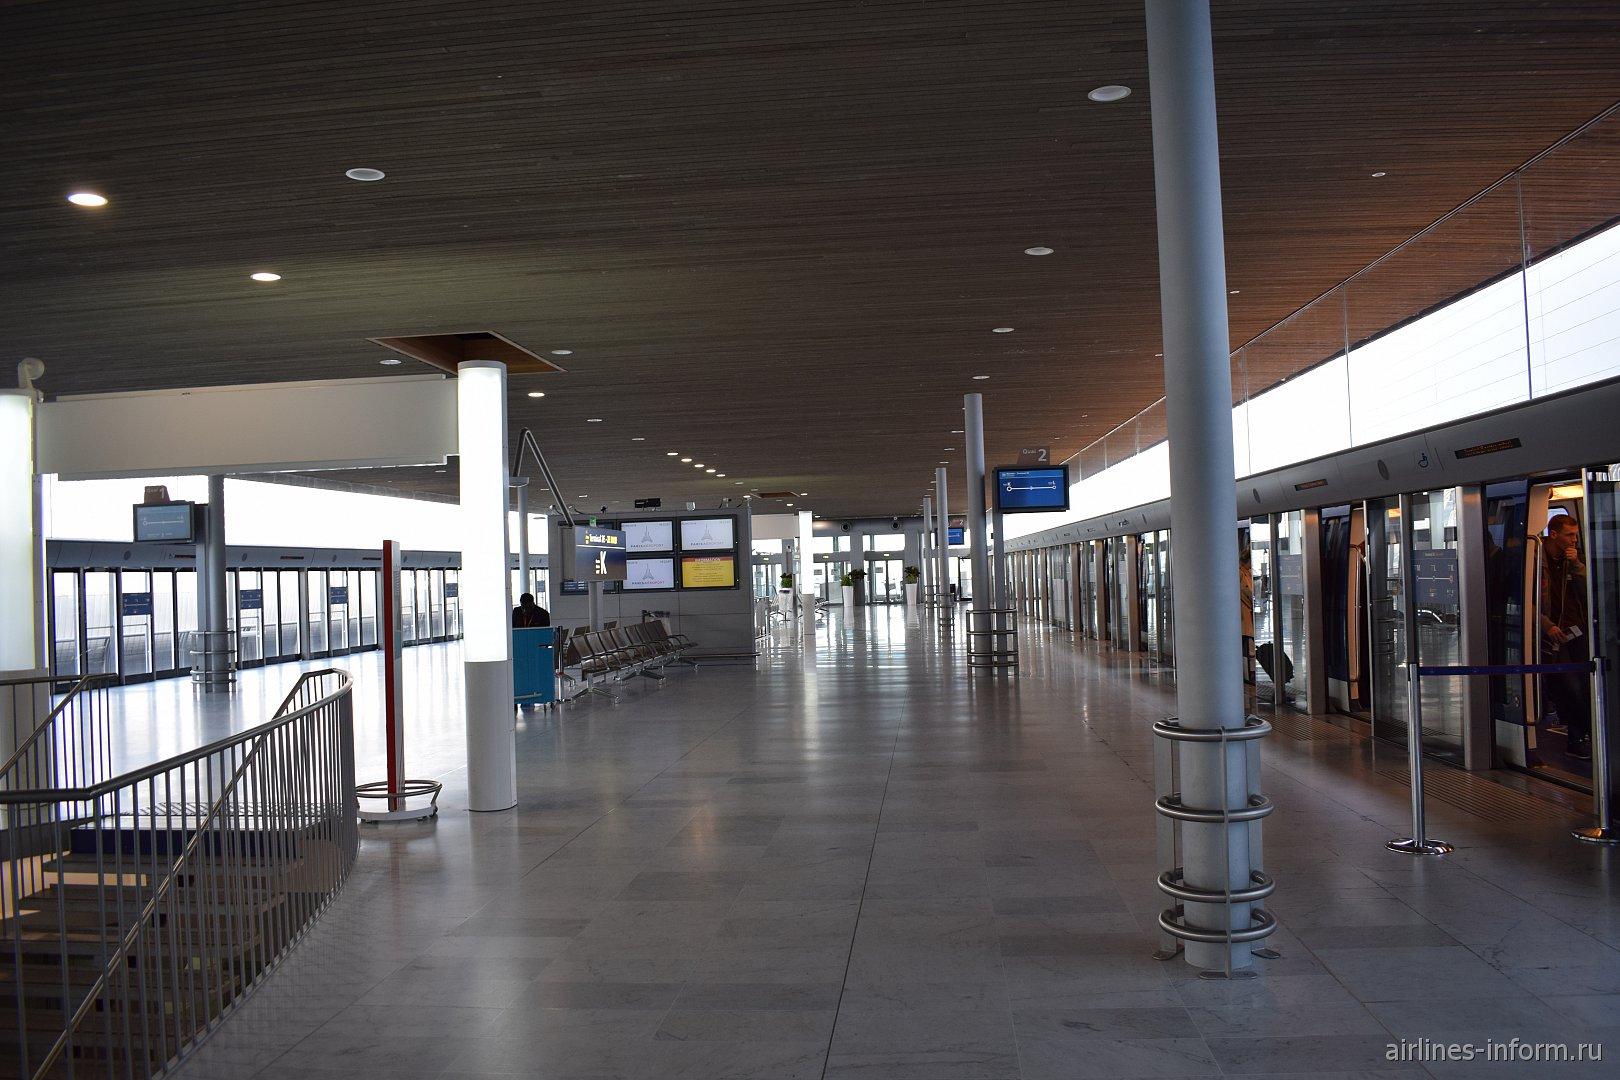 Станция аэропортового поезда в терминале 2Е-K аэропорта Париж Шарль-де-Голль